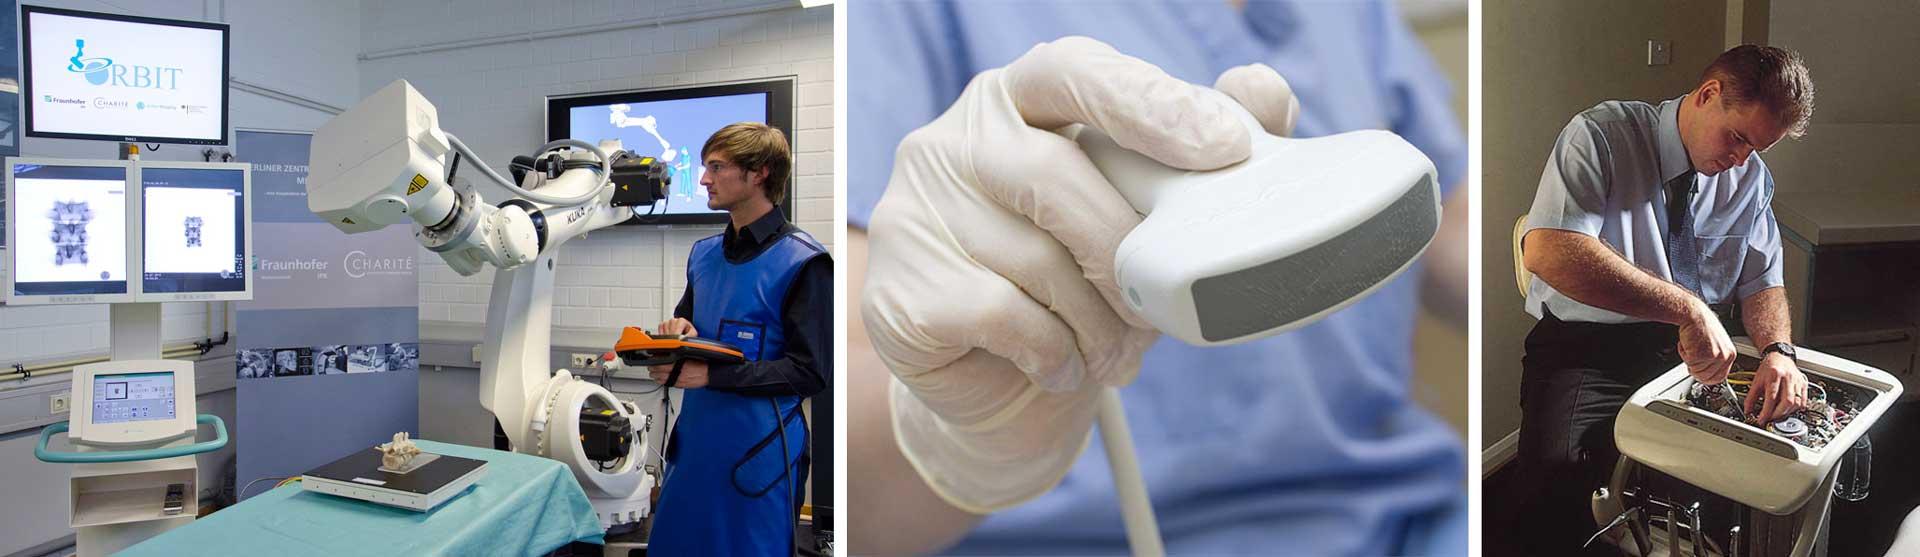 инструкция по обслуживание медицинского оборудования